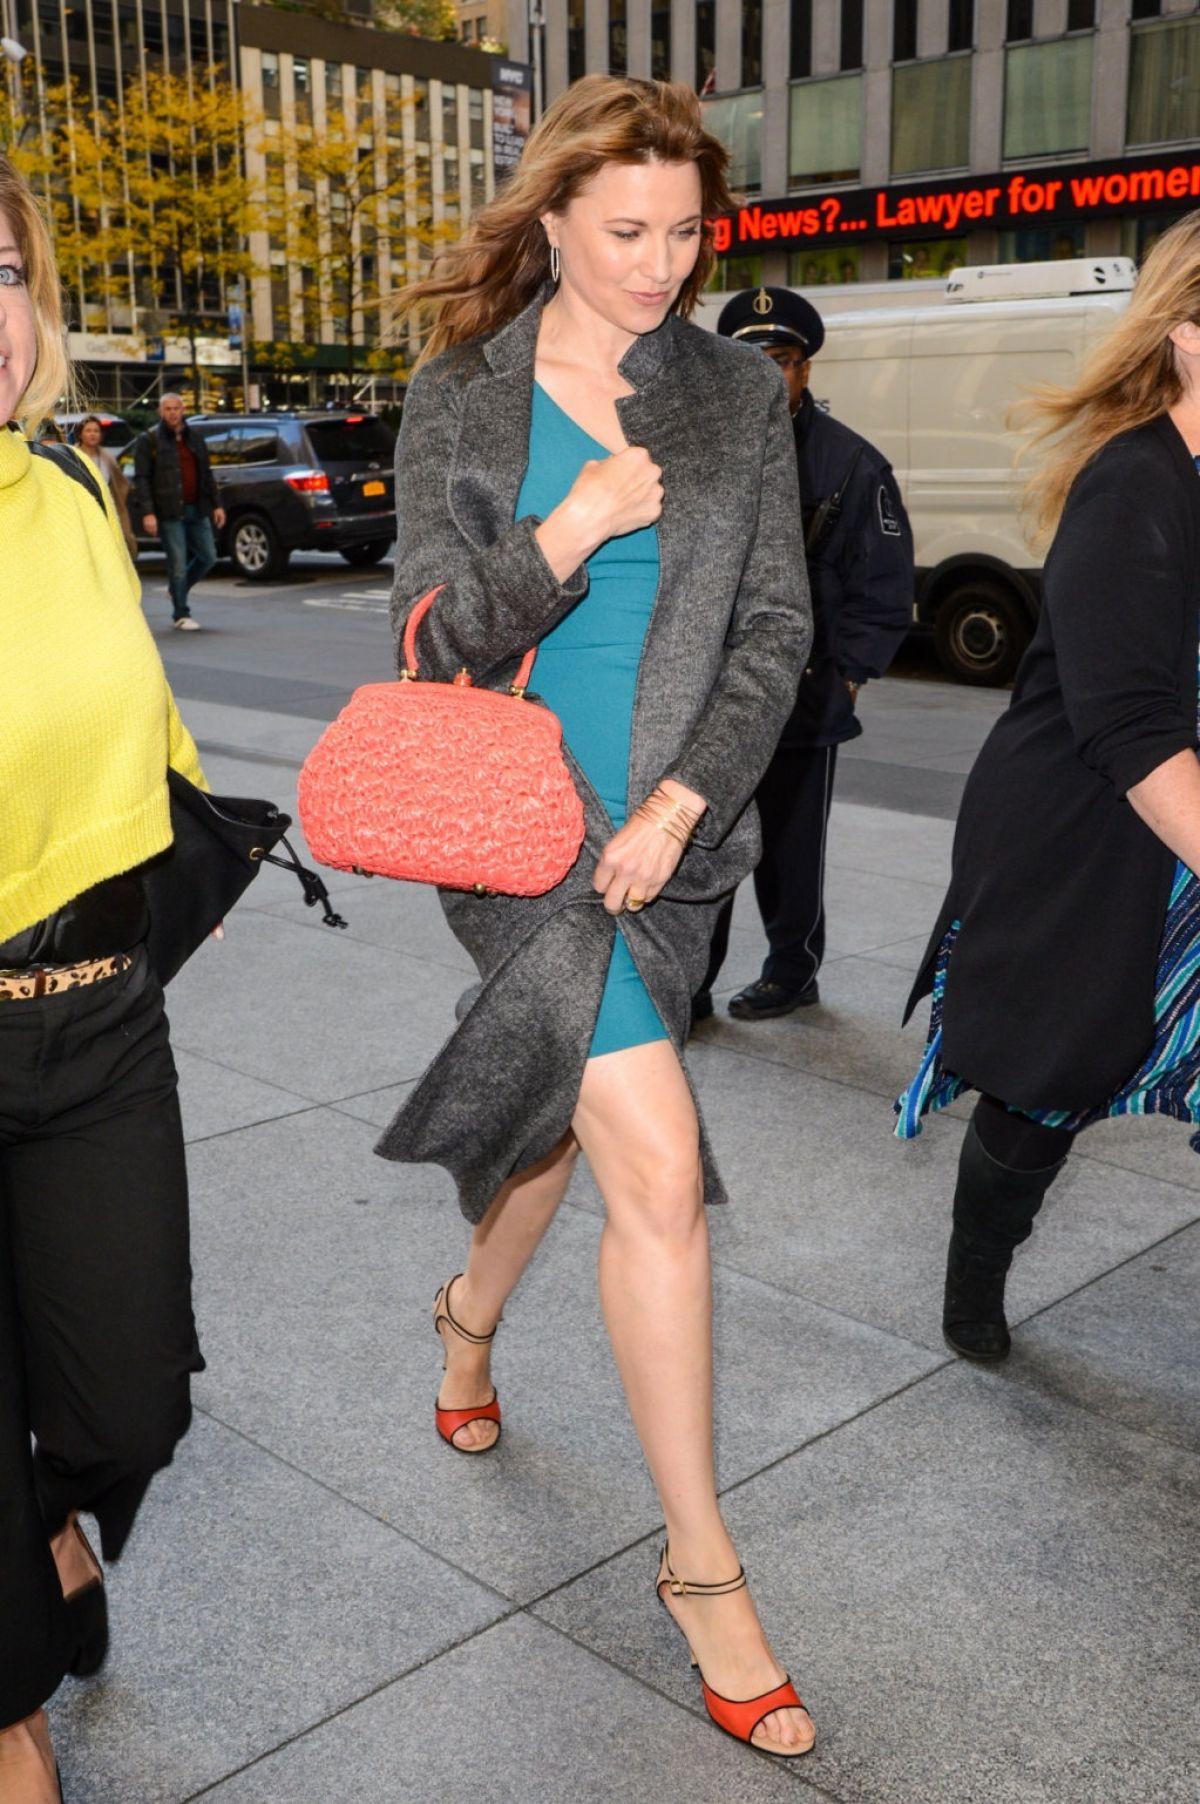 Paparazzi Lucy Lawless naked (47 pics), Bikini